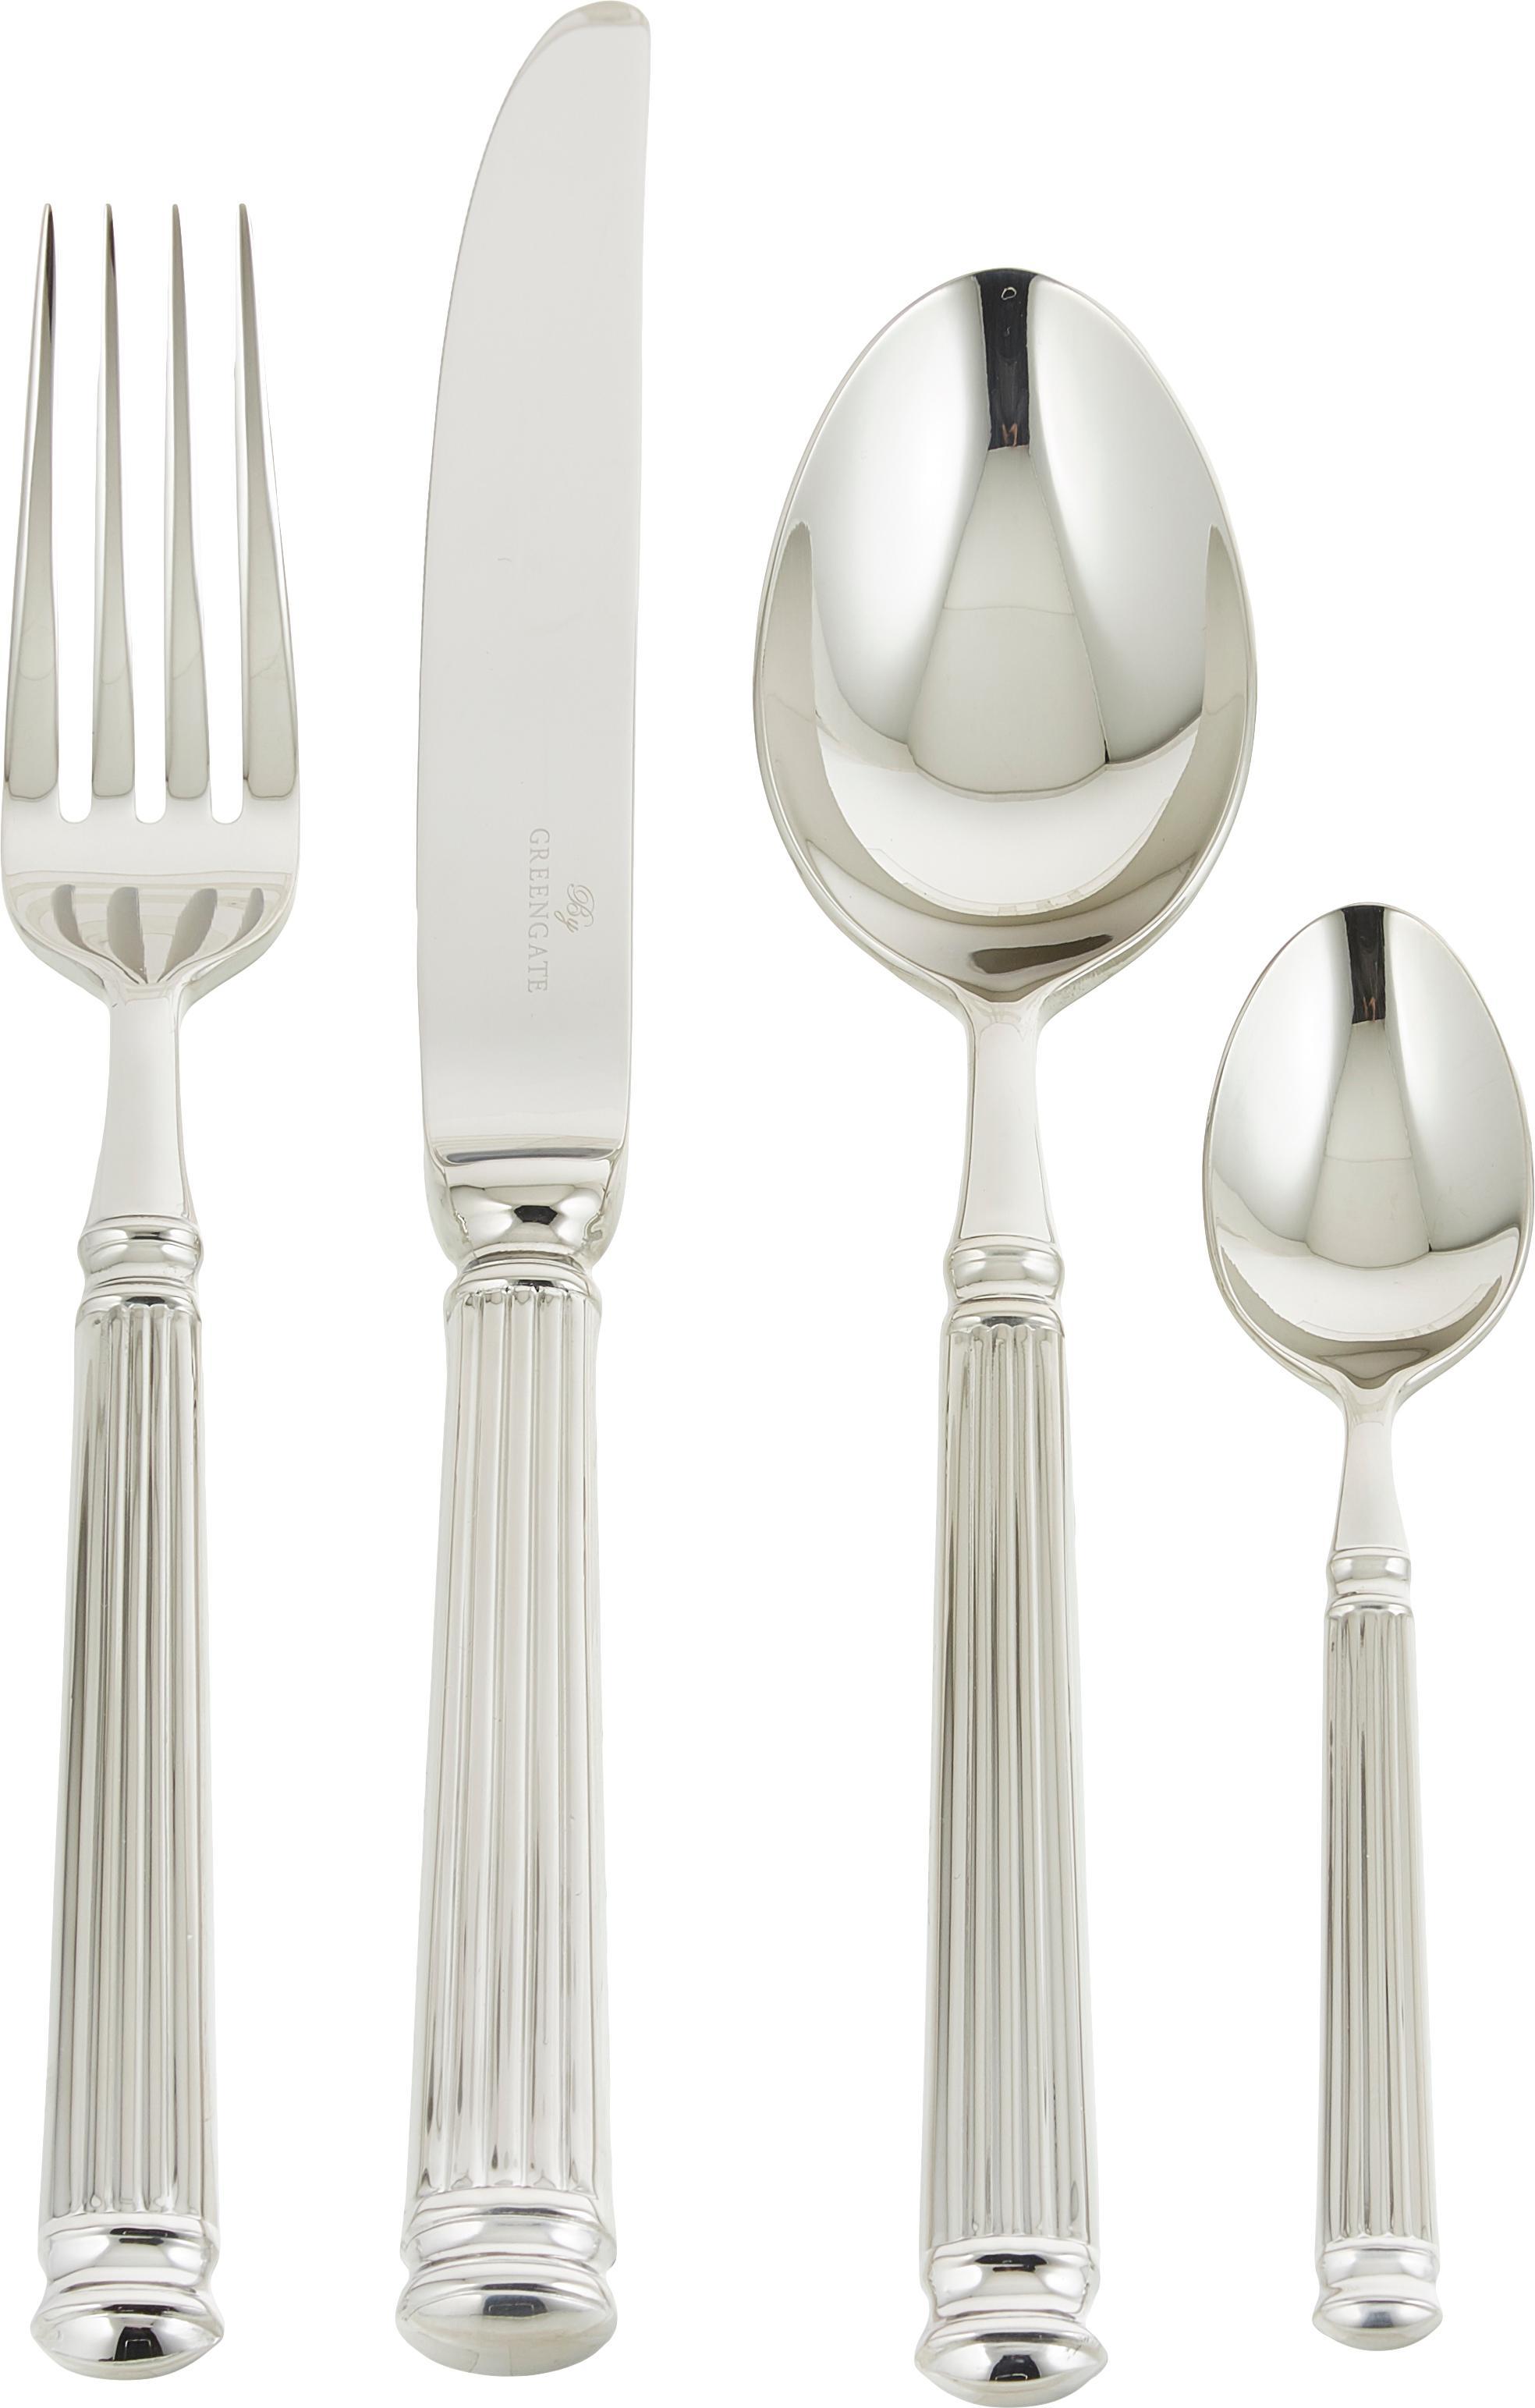 Silbernes Besteck-Set Elegance mit Rillenstruktur am Griff, 4-teilig, Edelstahl, PVD beschichtet, Edelstahl, L 21 cm